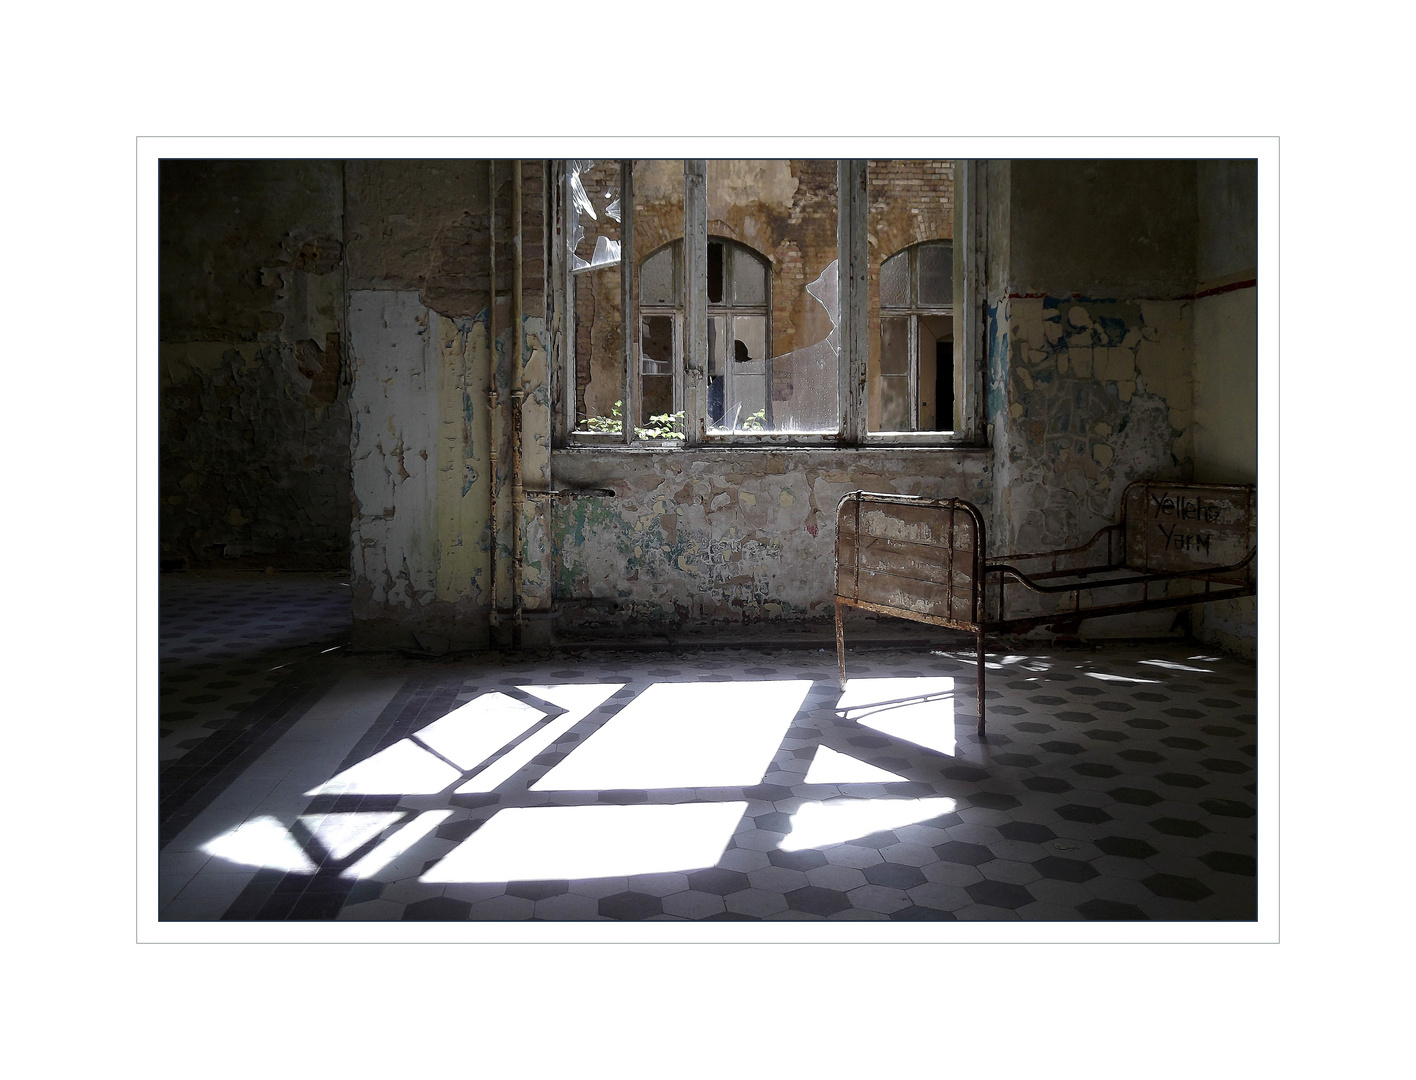 das Fenster zum Jenseits ......